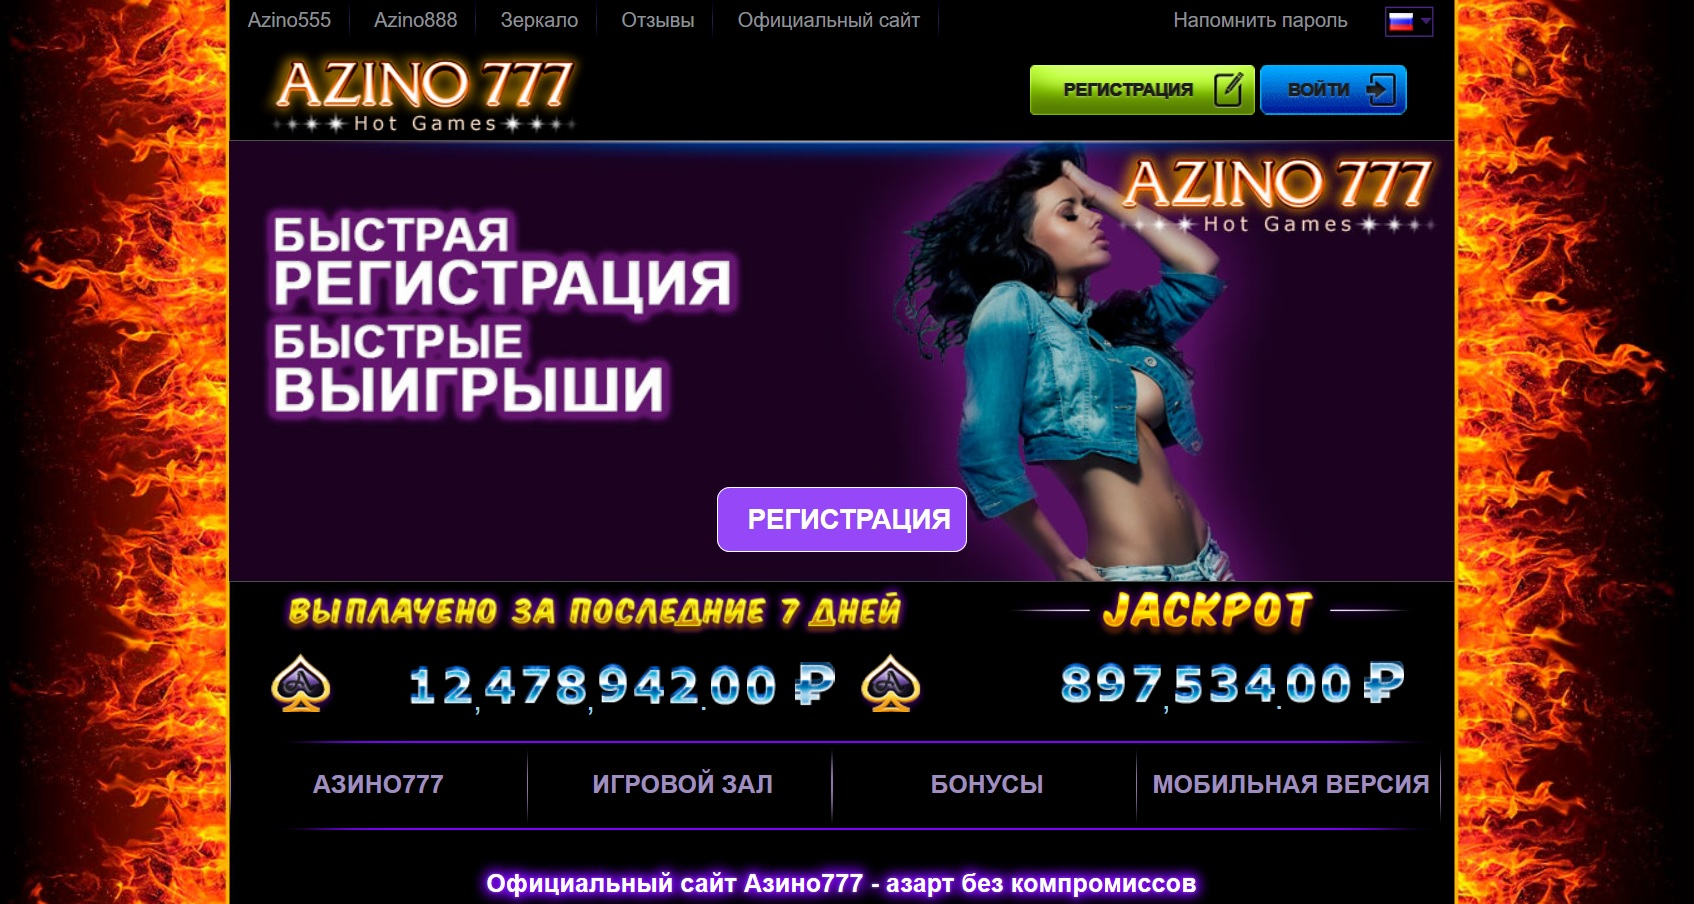 как зайти на азино777 в россии